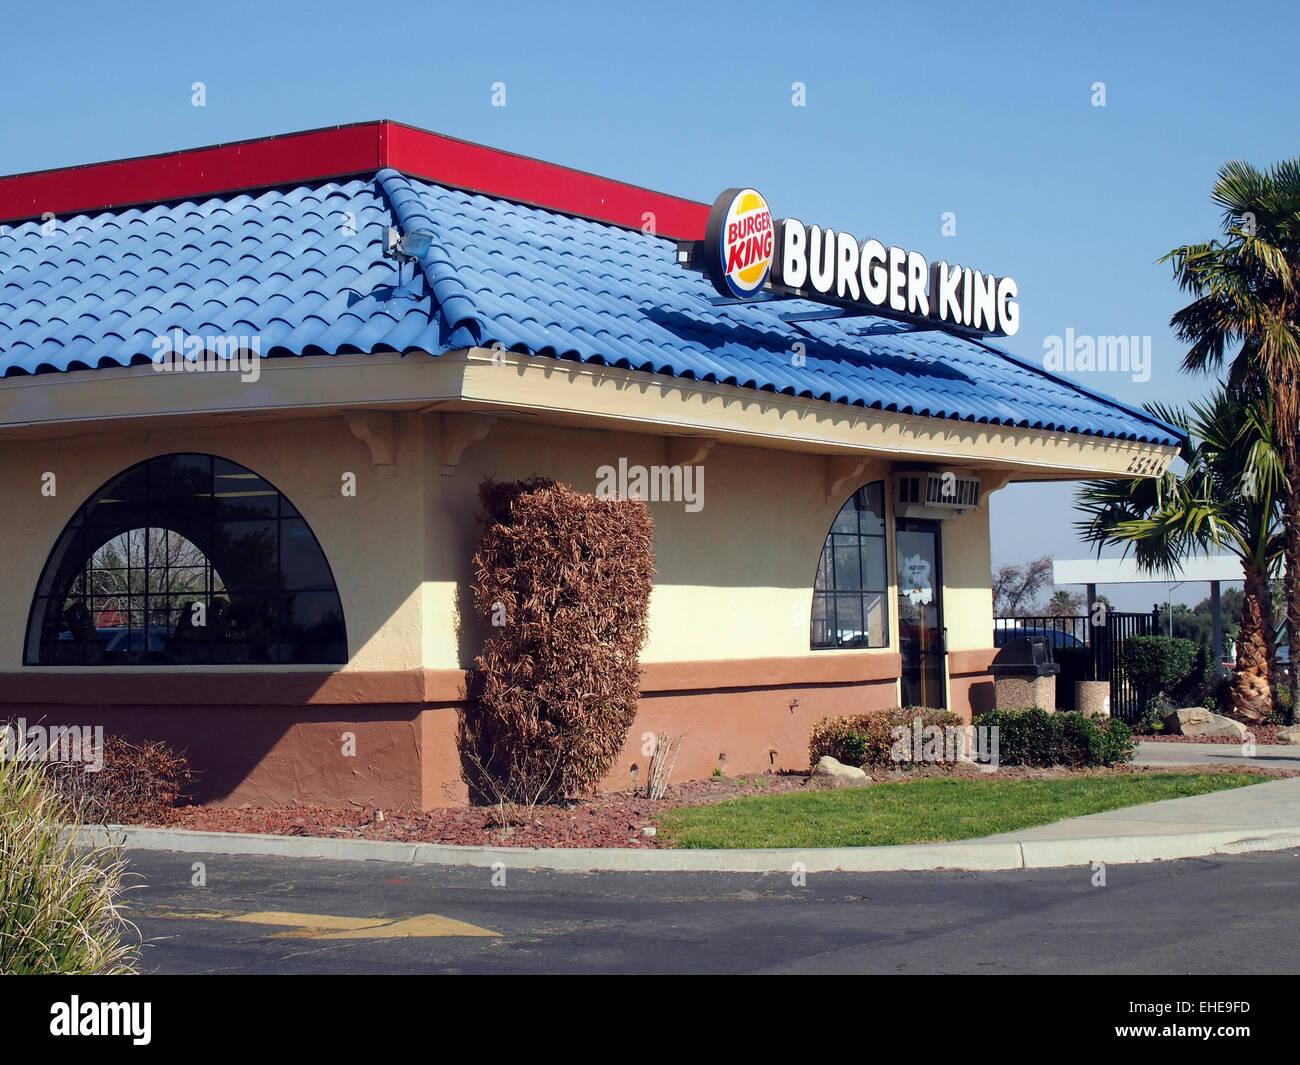 burger king fast food restaurant along interstate i 5 central stock